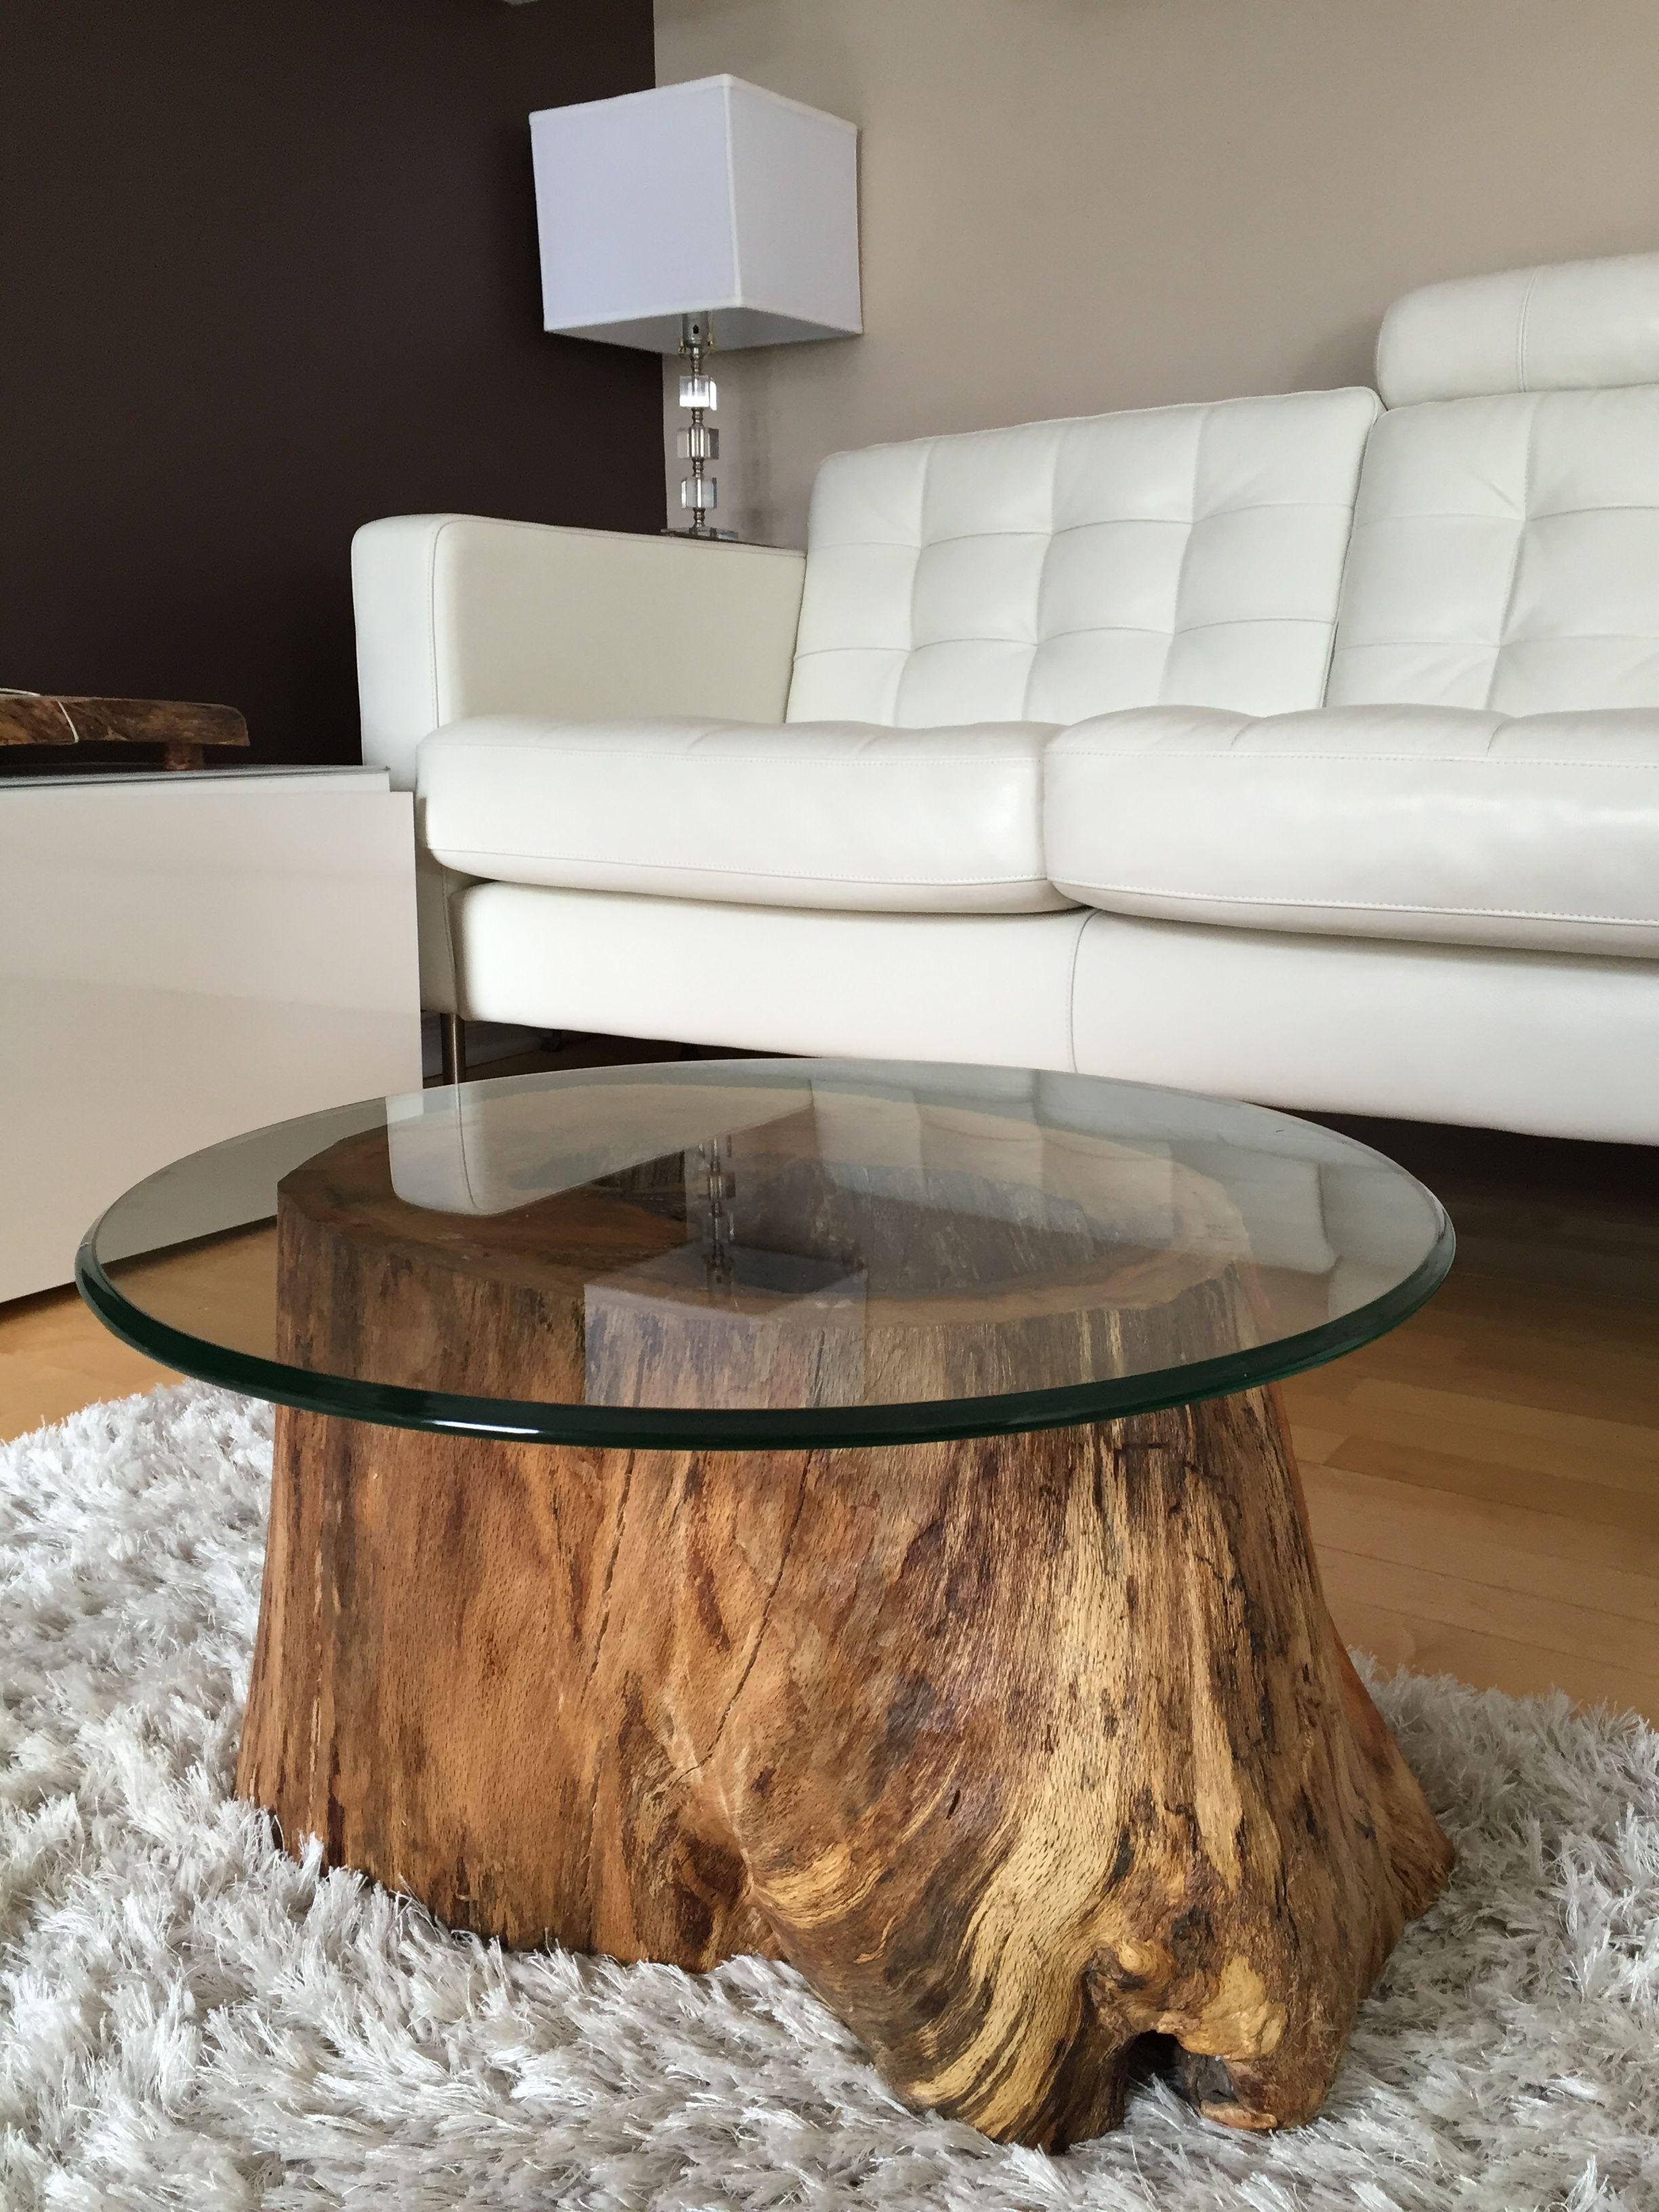 Wood Pillars For Coffee Table Collection Coffee Tables 23 16 F Coleccion De Muebles Muebles De Madera Sala Decoracion En Madera Rustica [ 3264 x 2448 Pixel ]